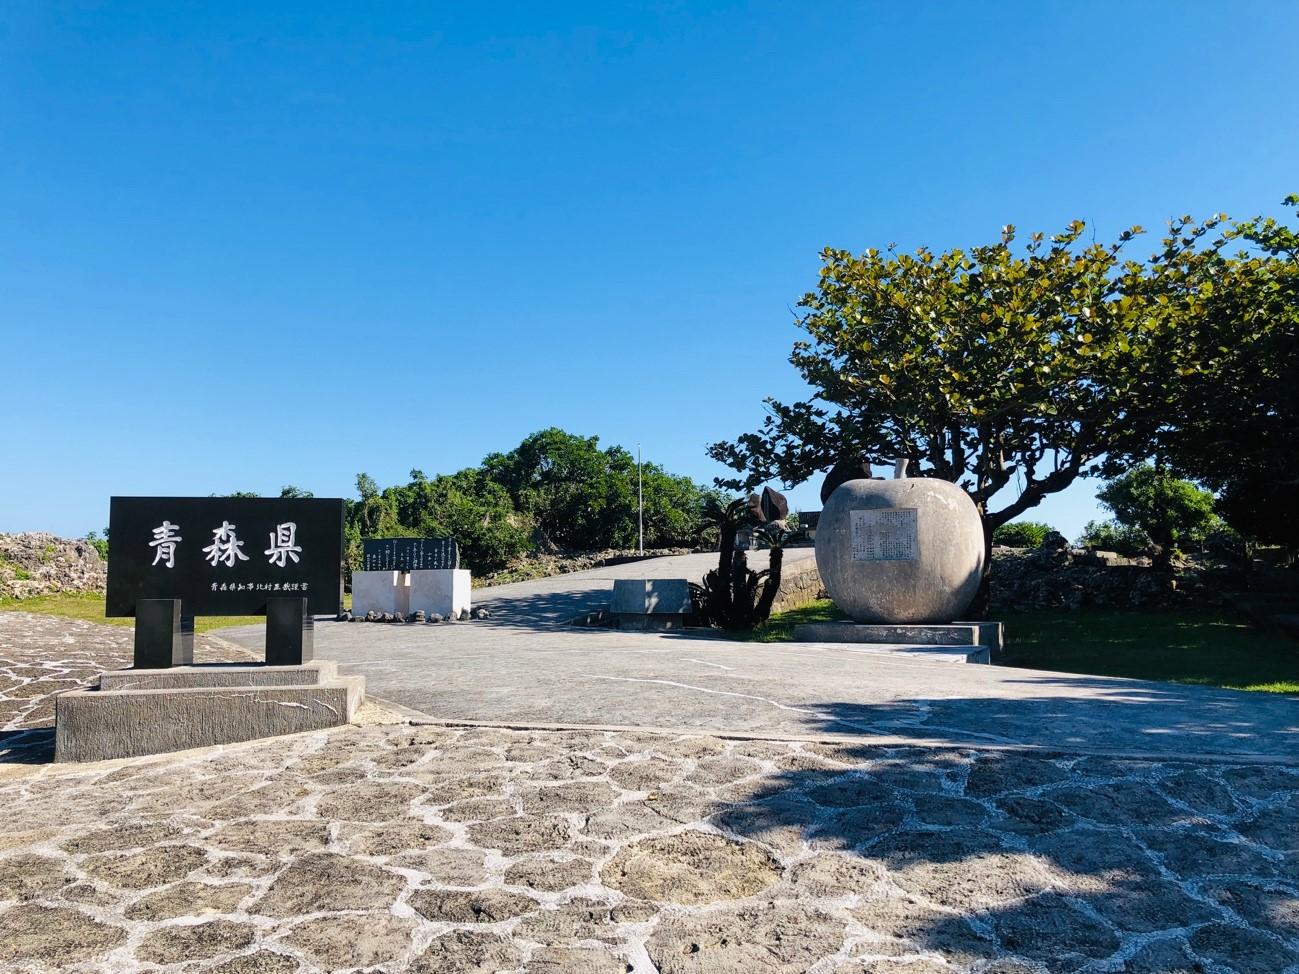 沖縄県糸満市「平和祈念公園」の「各県慰霊塔碑」みちのくの塔(青森県)由緒がりんご型